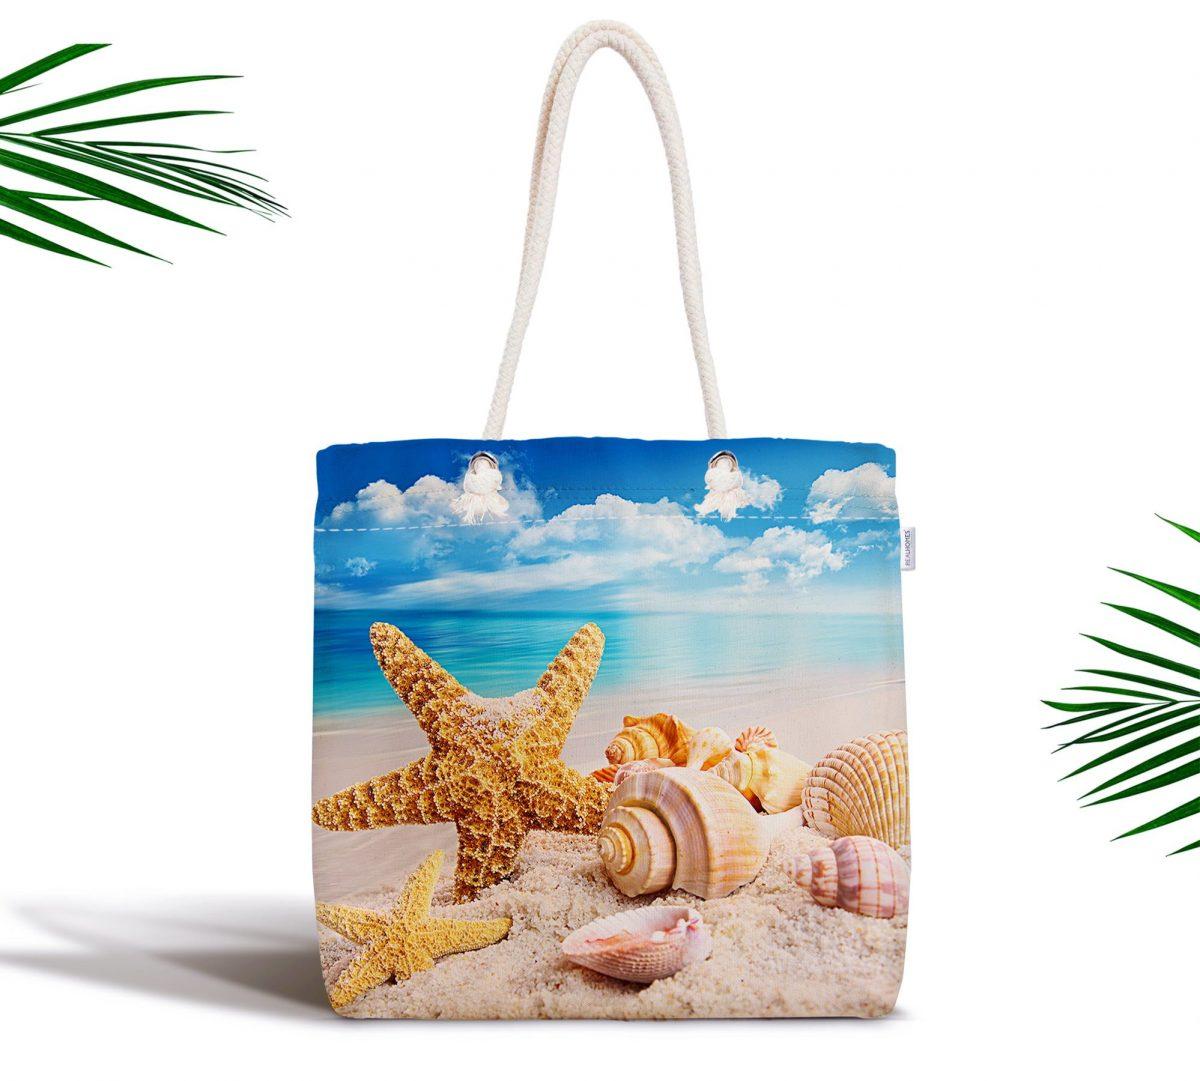 Deniz Yıldızı Midyeler Özel Tasarımlı Fermuarlı Plaj Çantası Realhomes